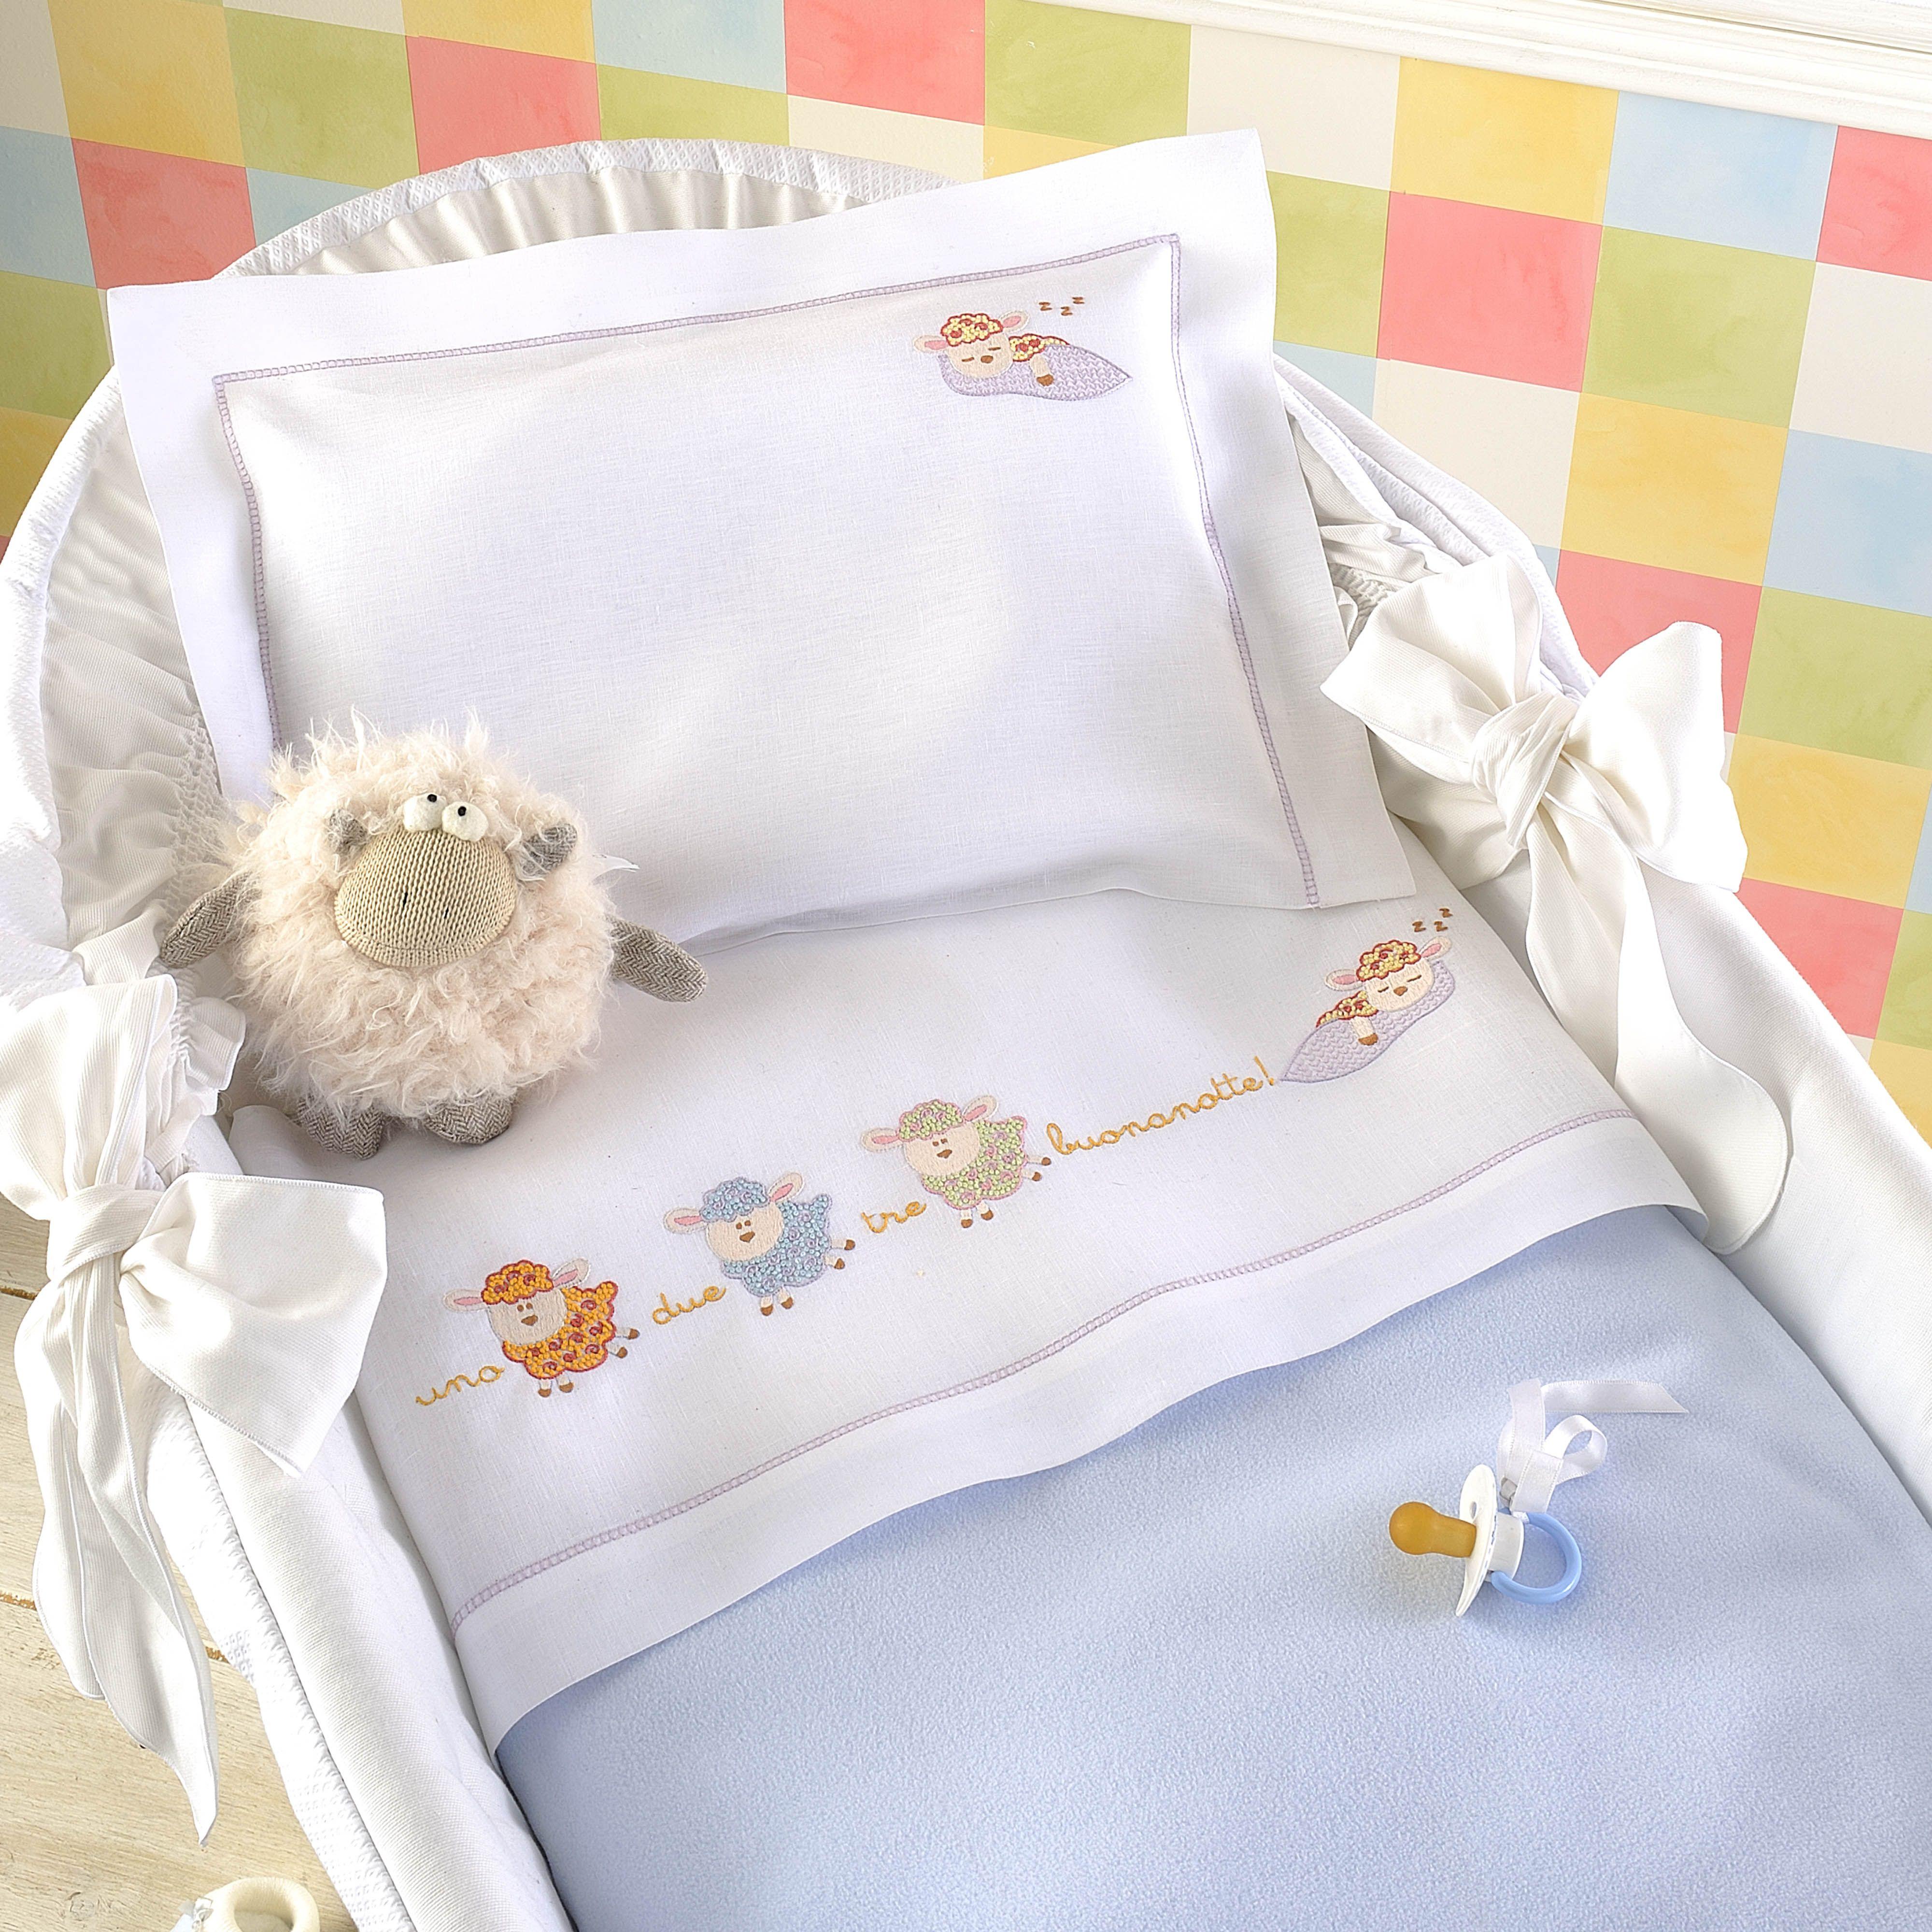 Pecorelle ricamo lenzuolino neonato ricamo neonato e ricamo for Lenzuolini punto croce per bambini